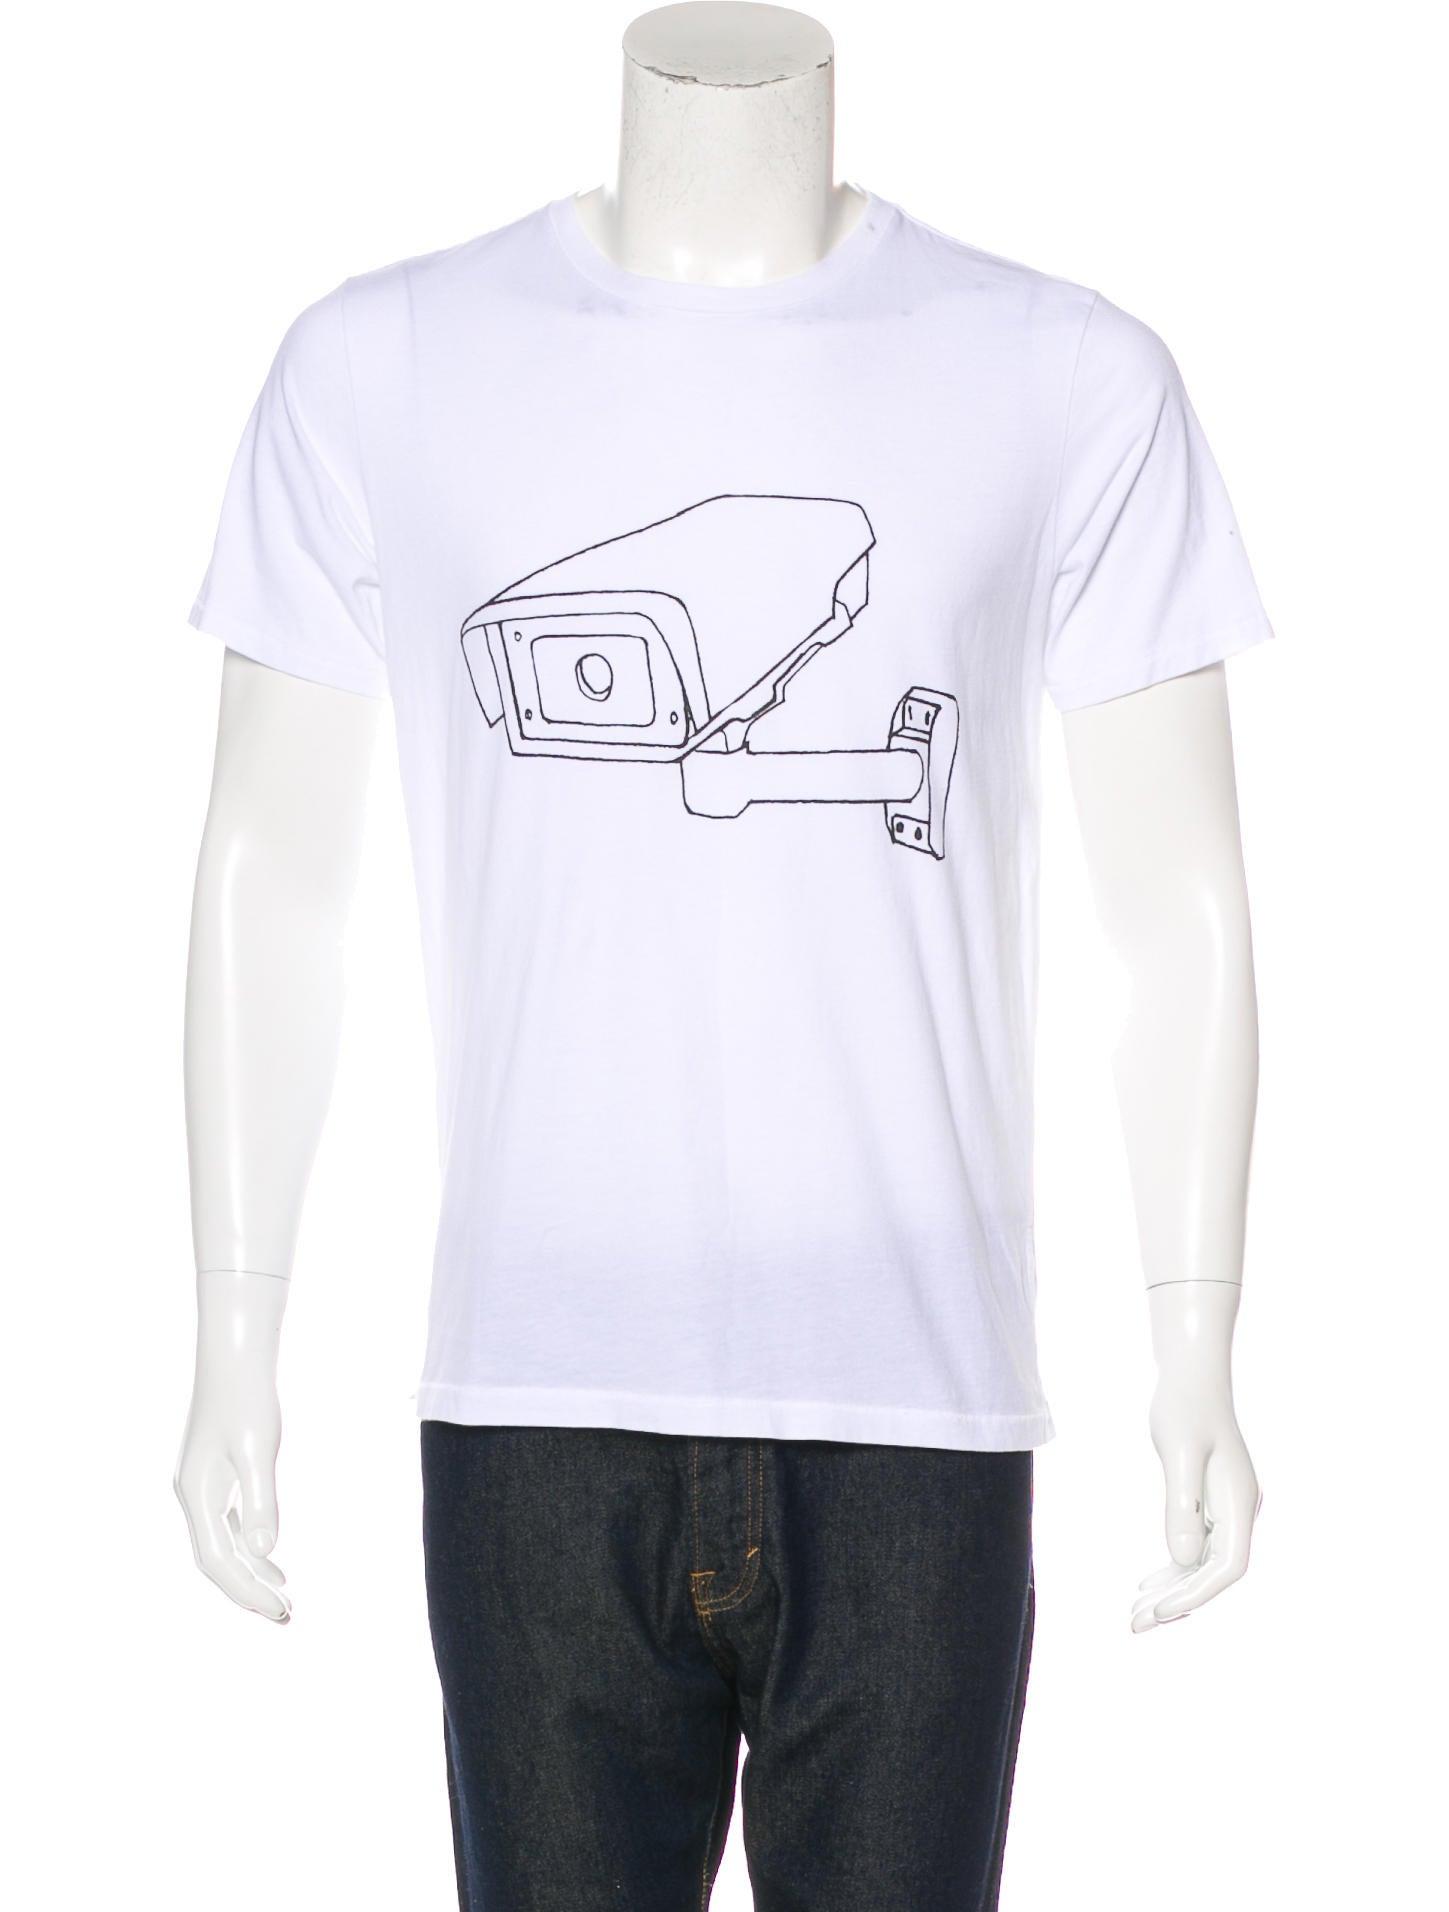 Rag bone graphic t shirt clothing wragb84152 the for Rag and bone white t shirt